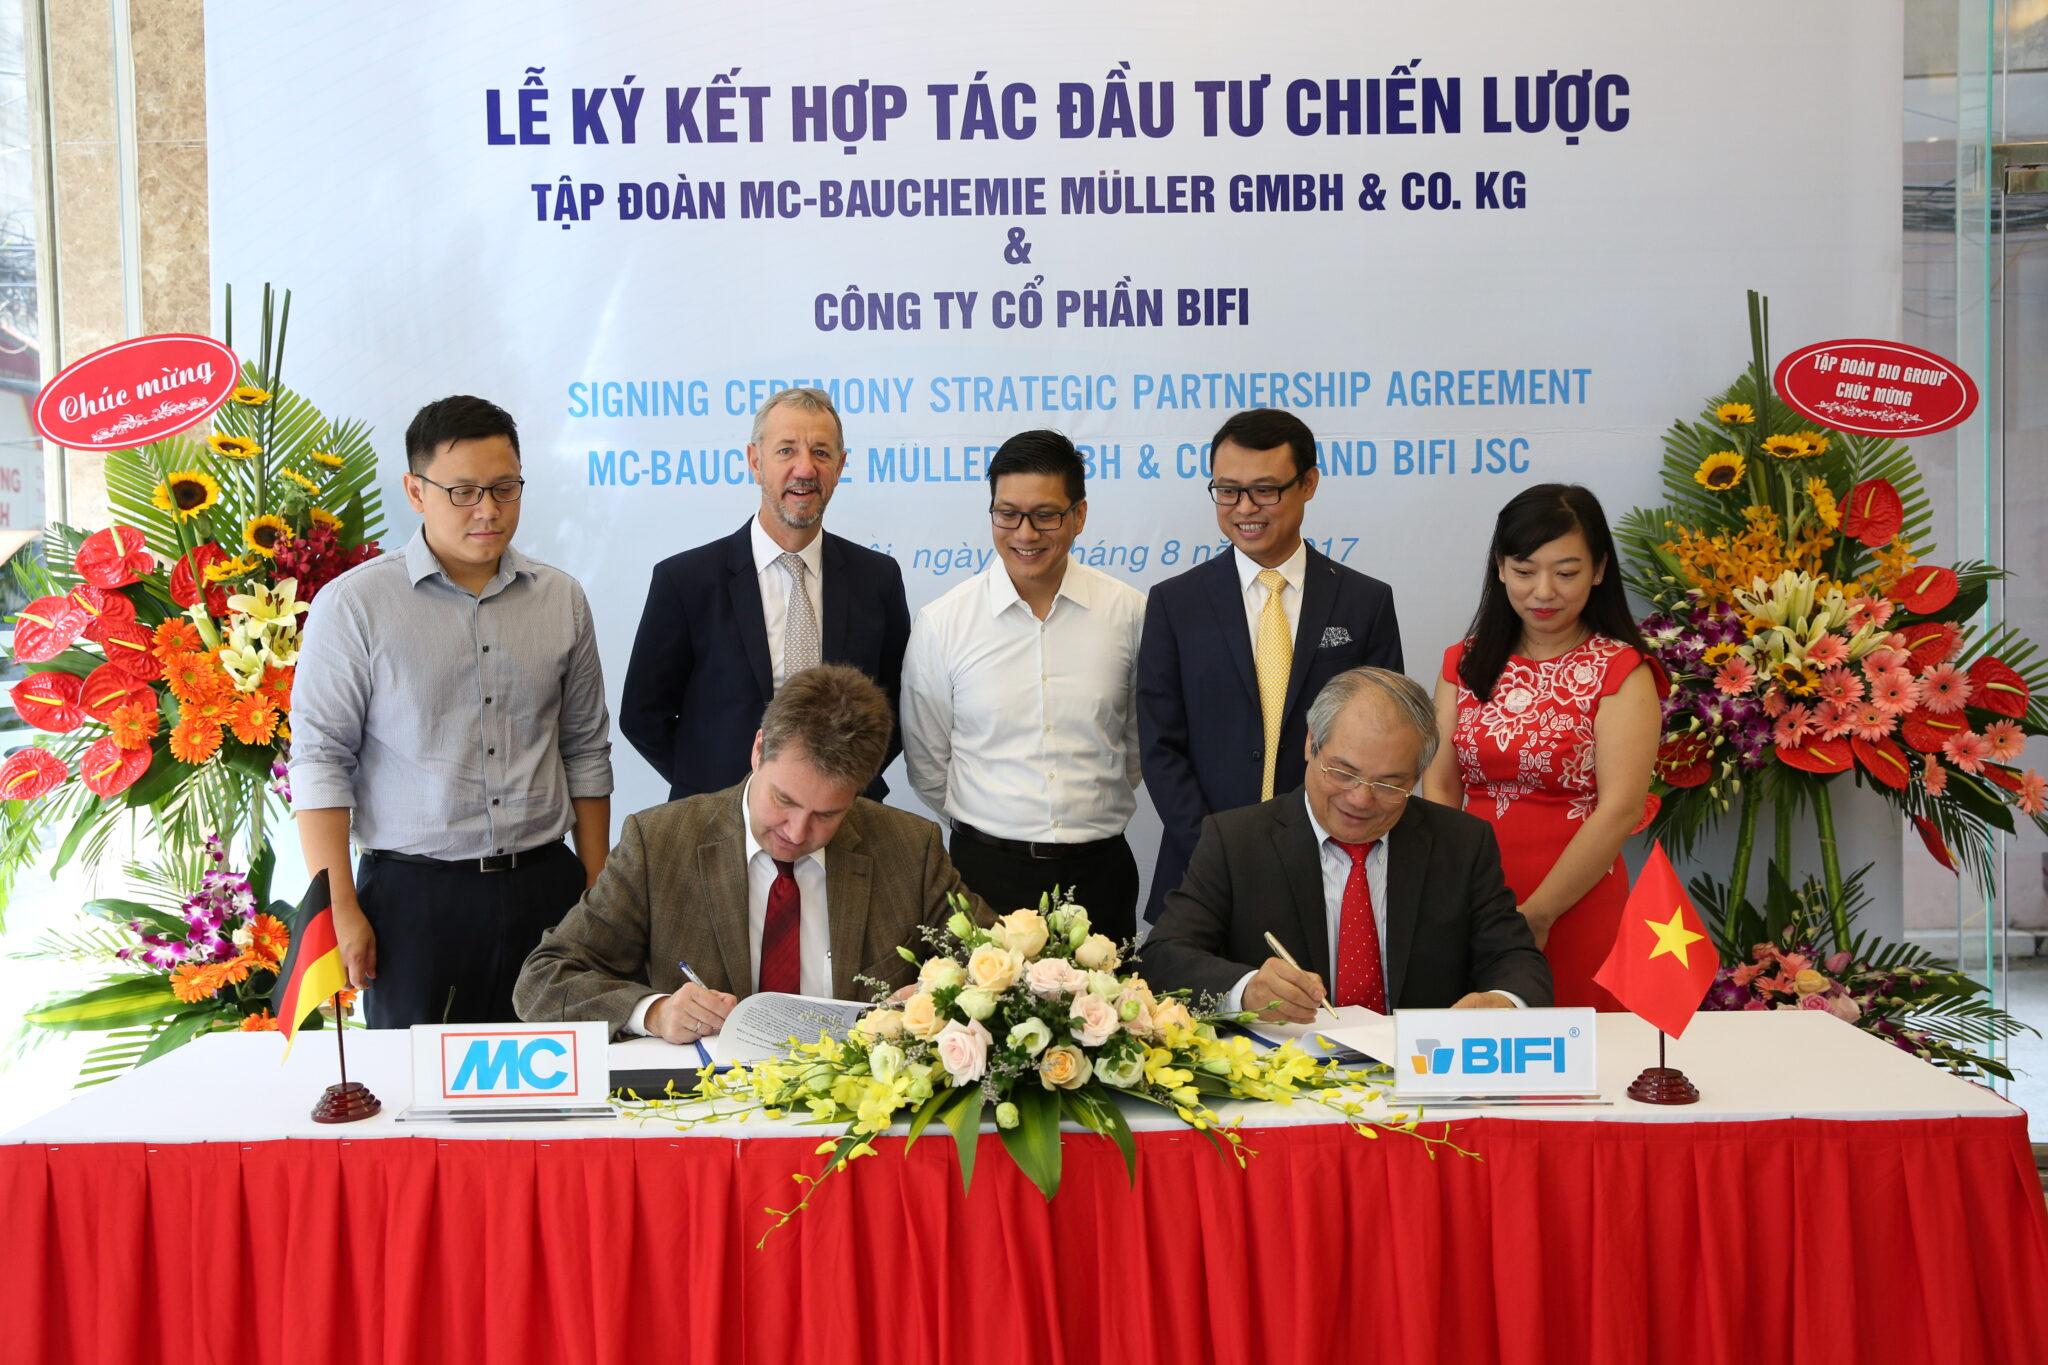 Ngày 8/11/2017, Lễ khai trương Công ty Cổ phần MC-BIFI Bauchemie đánh dấu bước hợp tác chính thức giữa doanh nghiệp trong nước là Công ty Cổ phần BIFI và Tập đoàn MC-Bauchemie đến từ CHLB Đức.